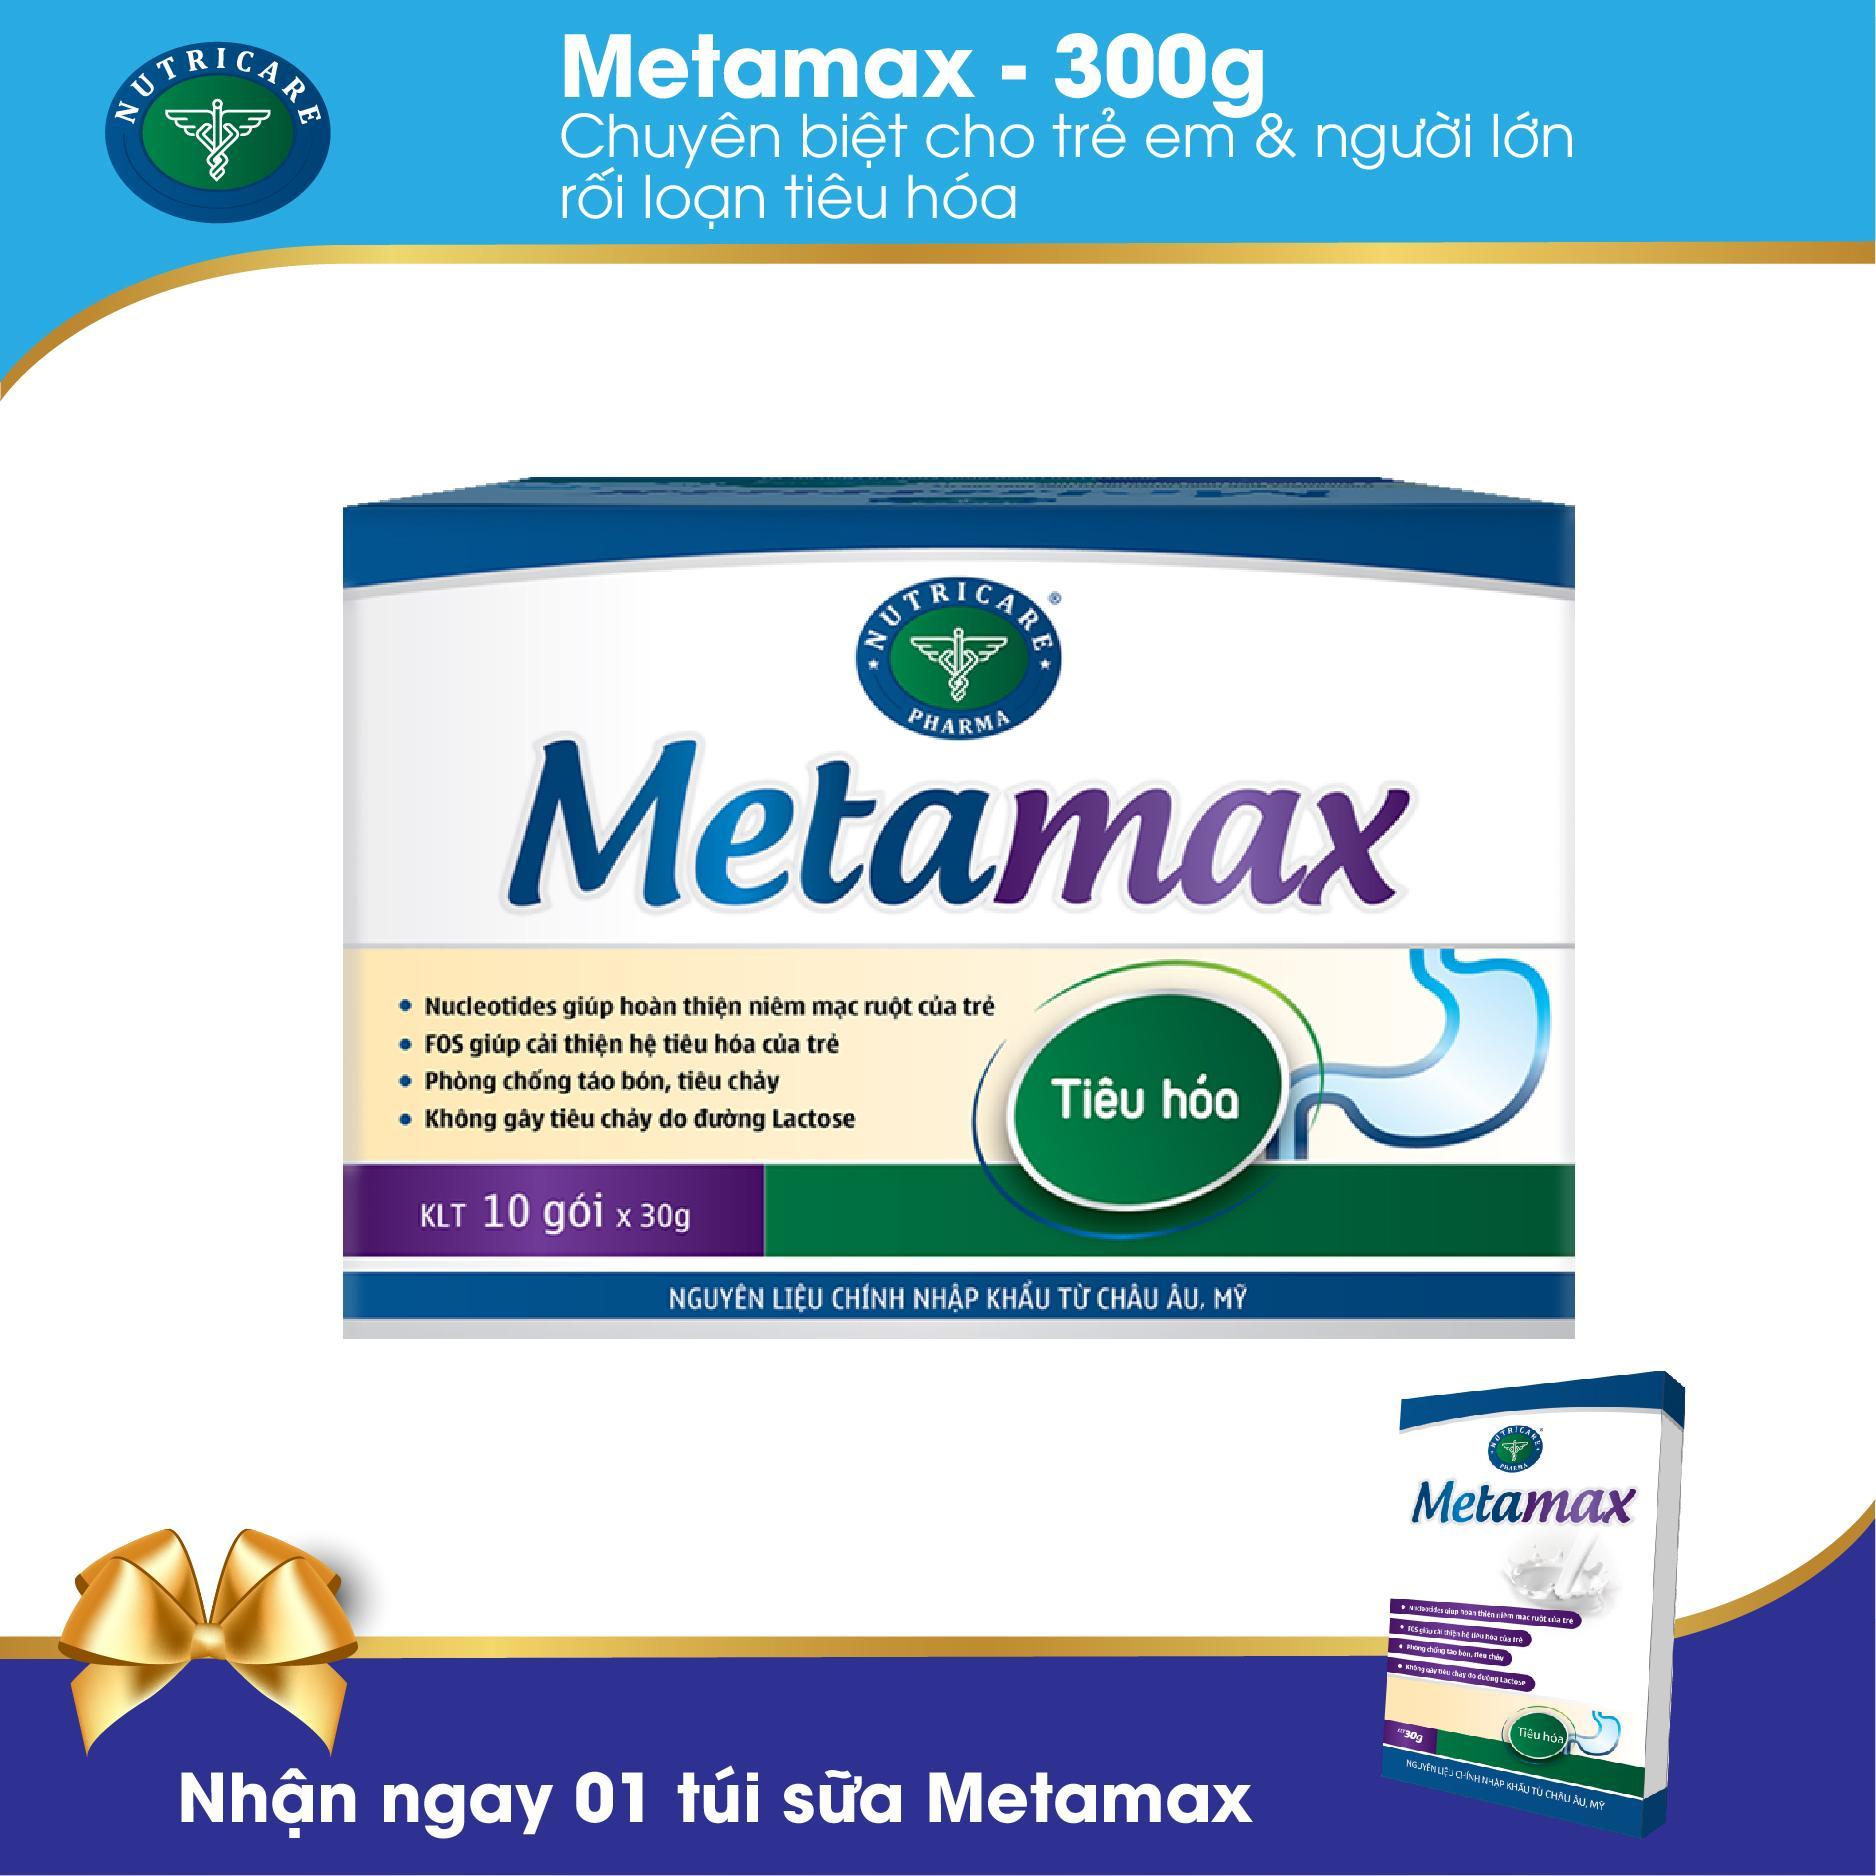 Sữa bột dạng gói Metamax 300g - cho người rối loạn tiêu hóa cao cấp